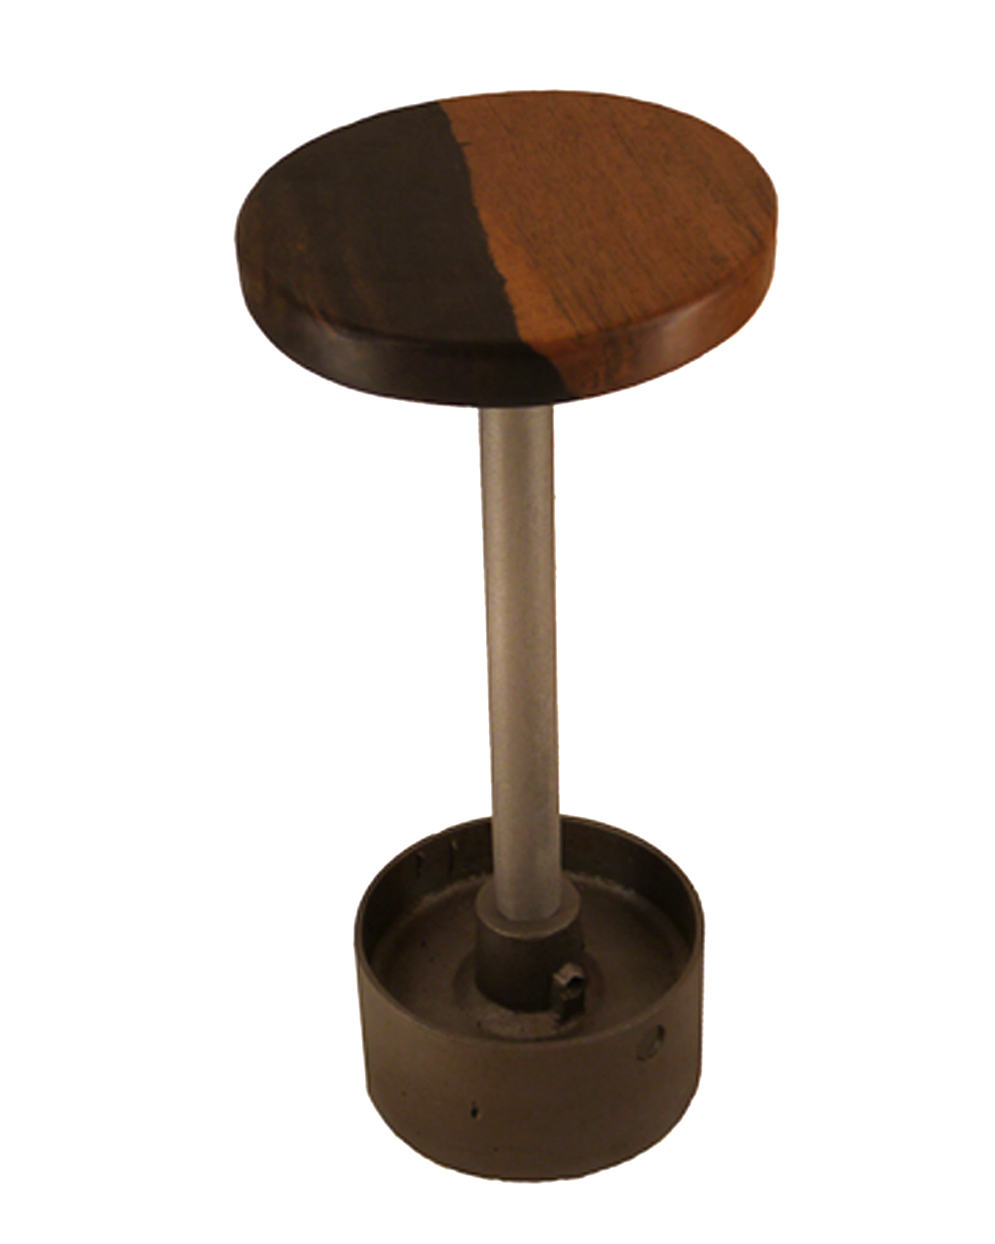 spindelhocker mit ebenholz sitzfläche und transmissionsrad